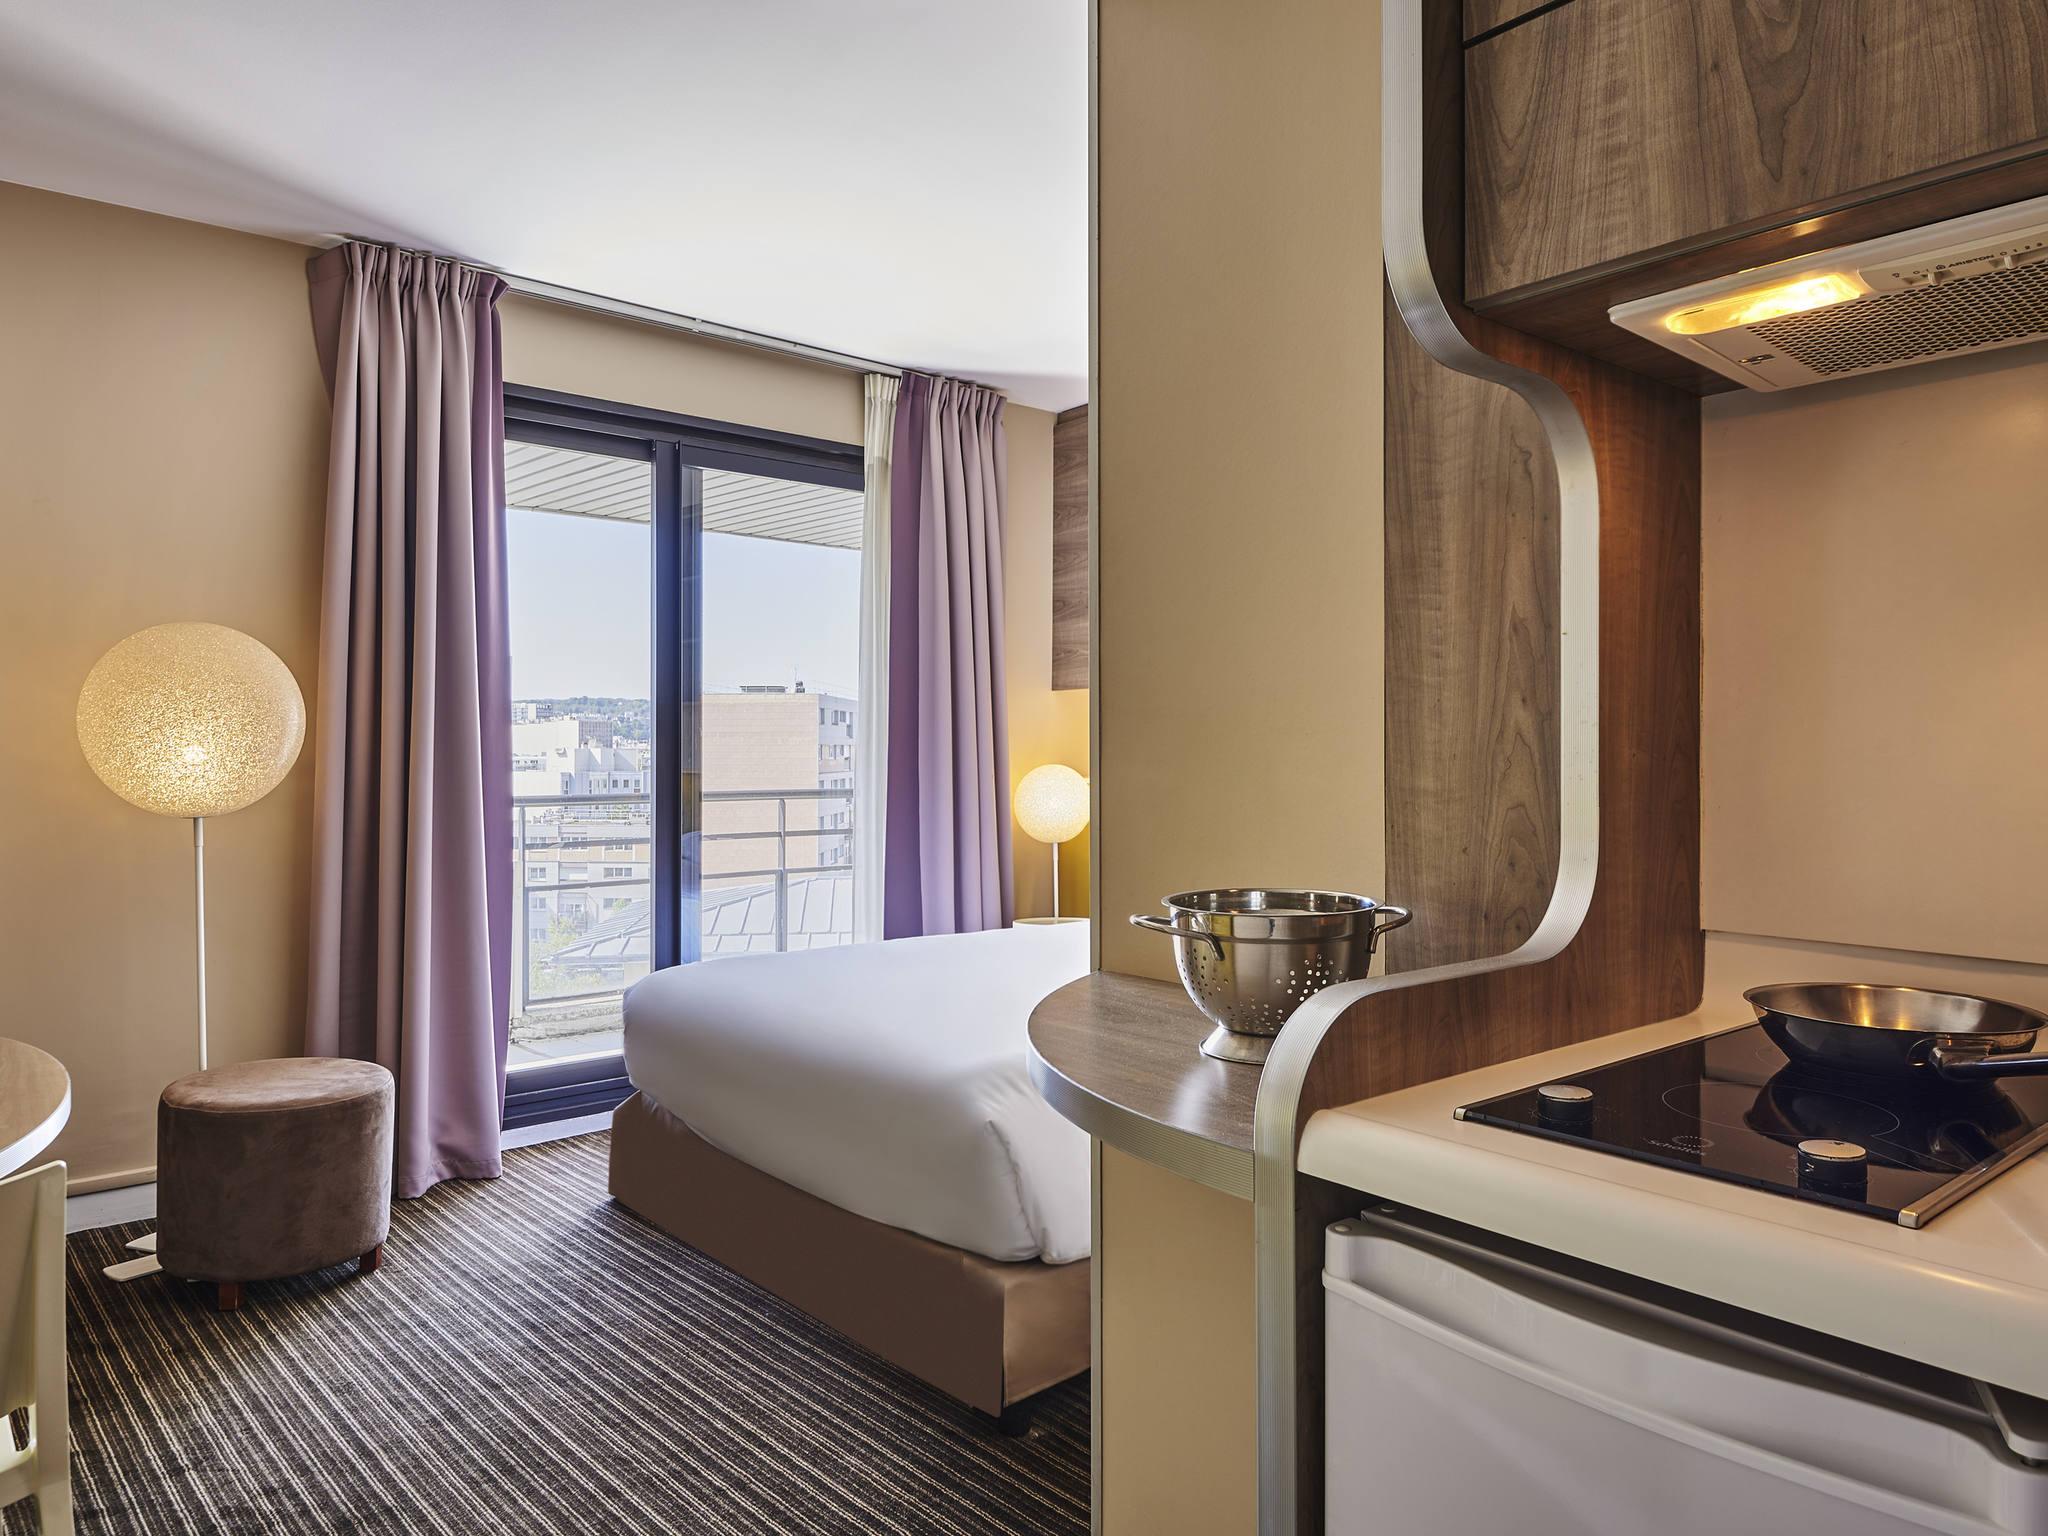 Mercure Hotel Paris Boulogne